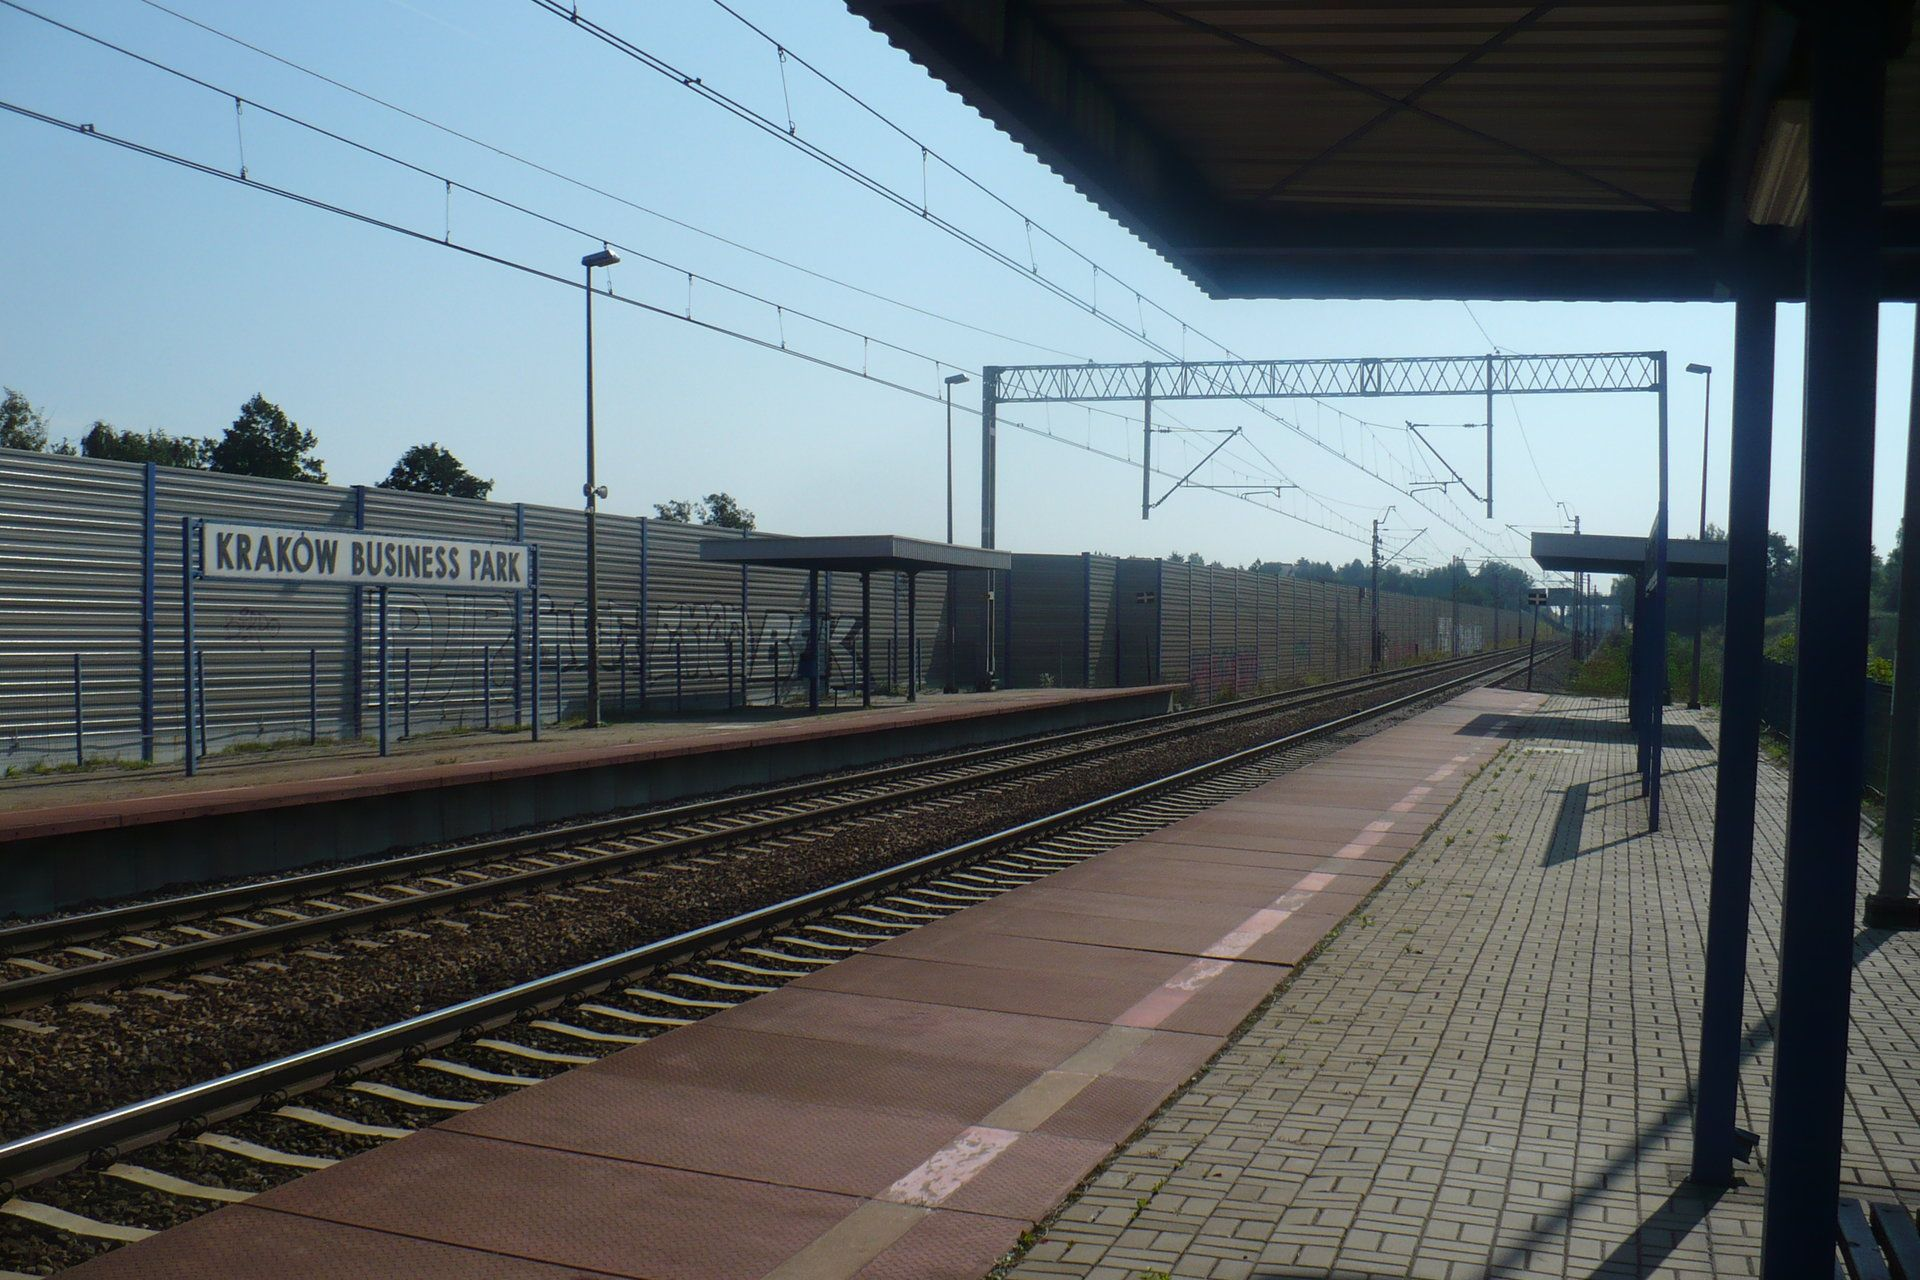 Przystanek kolejowy Kraków Business Park doczeka się przebudowy